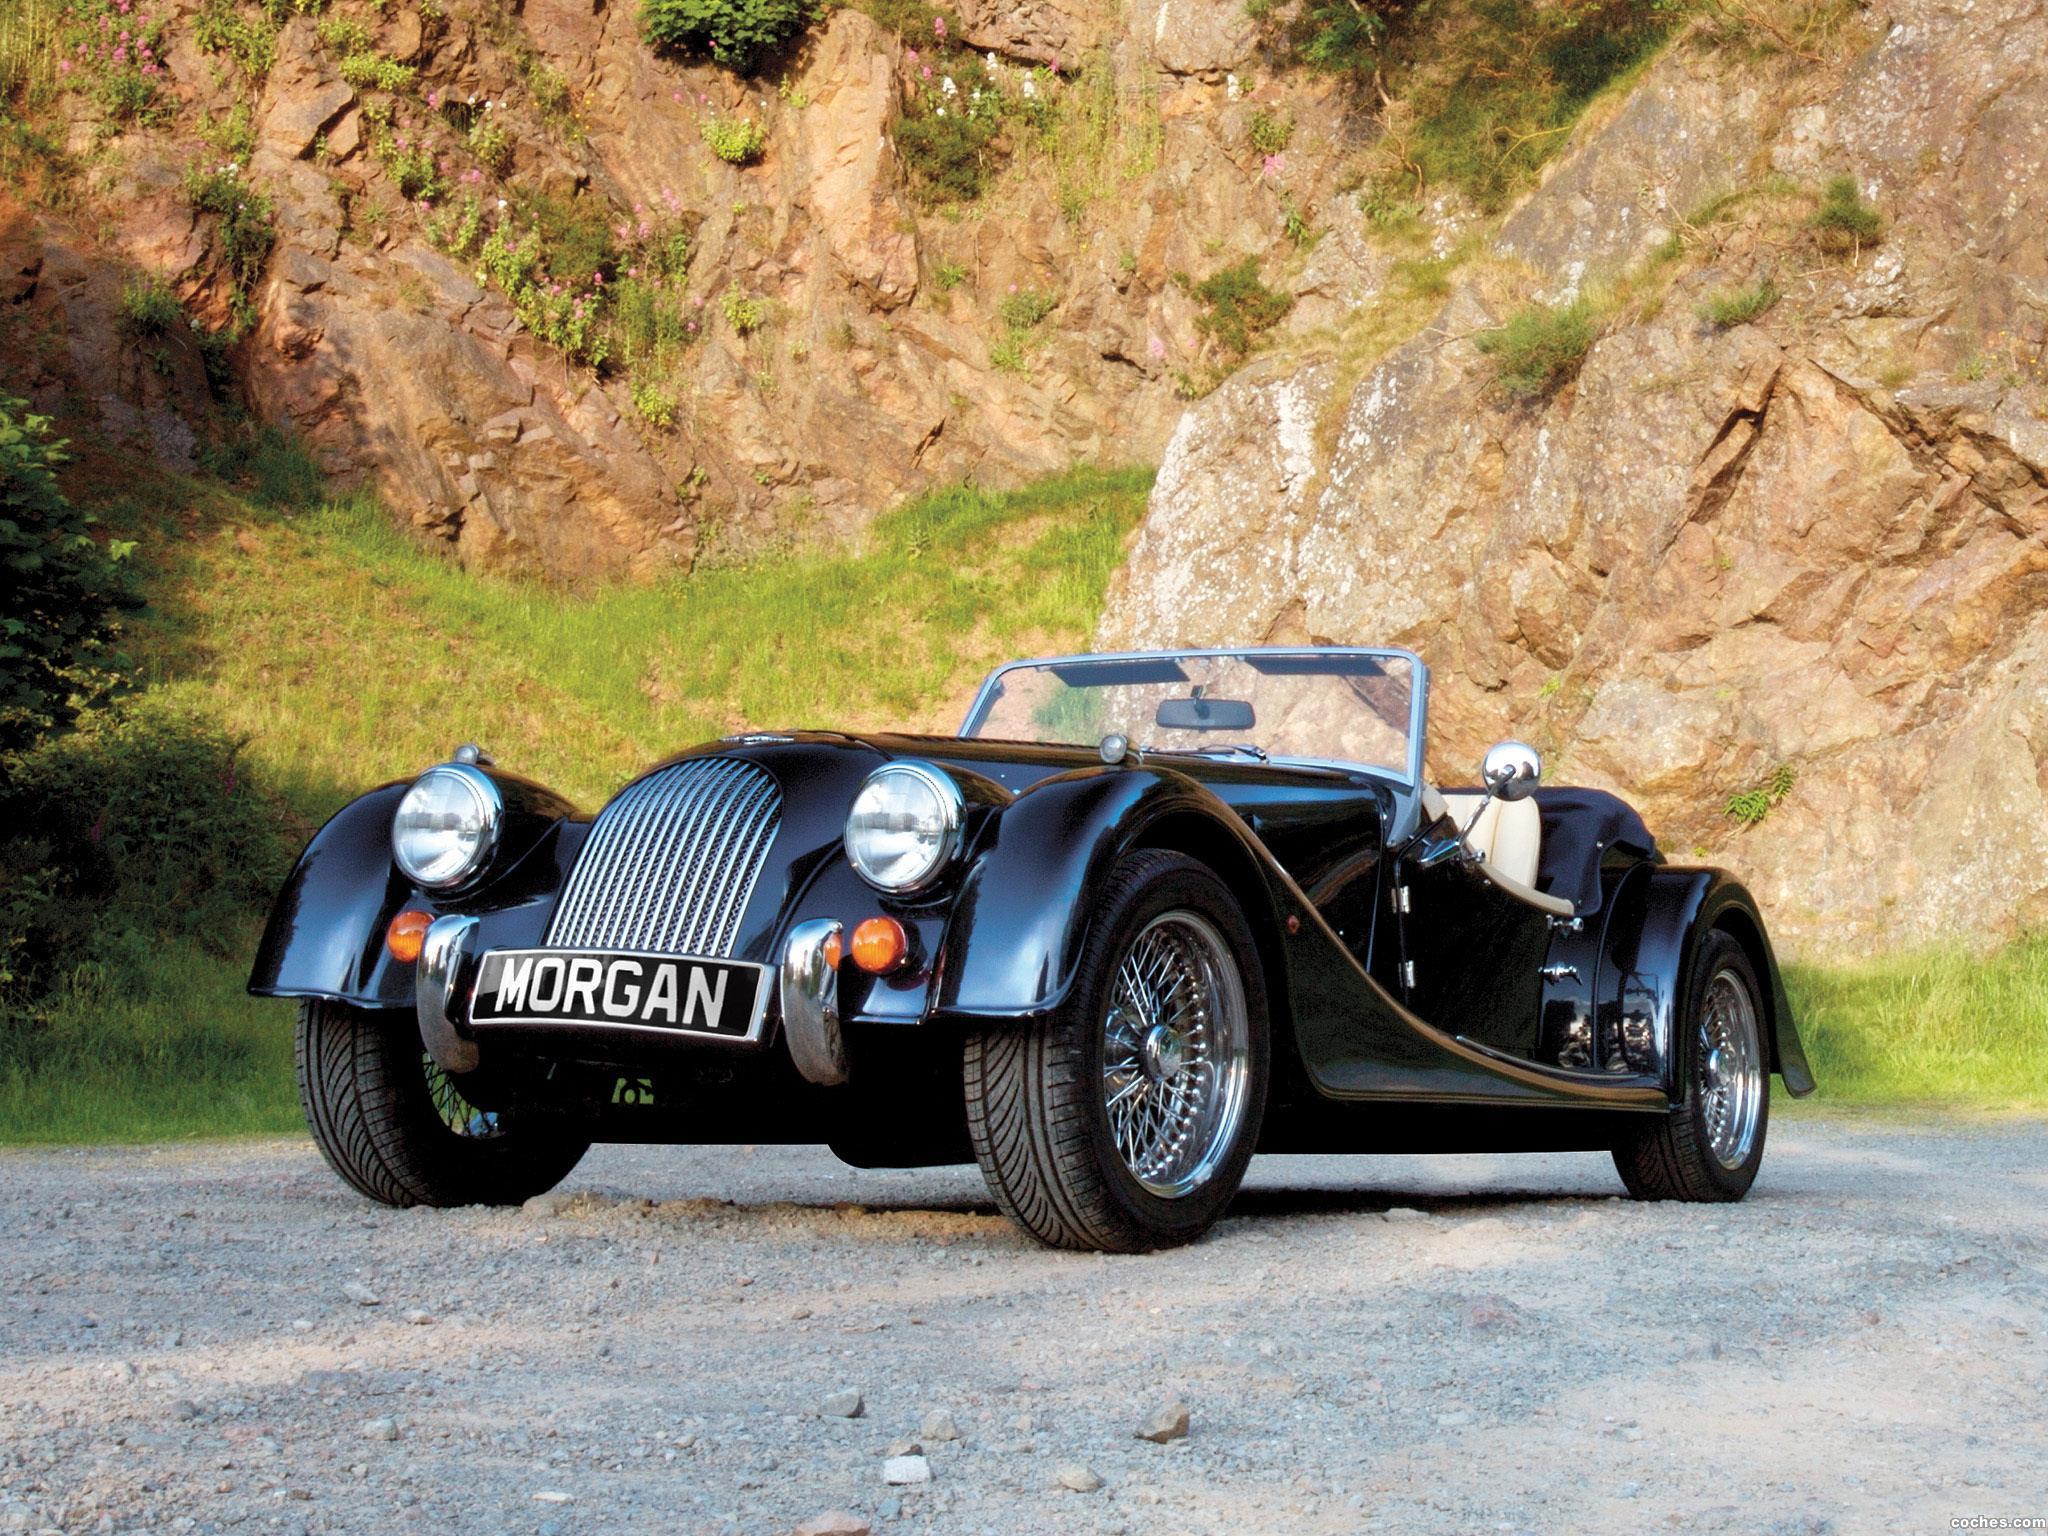 Foto 2 de Morgan Roadster 2004